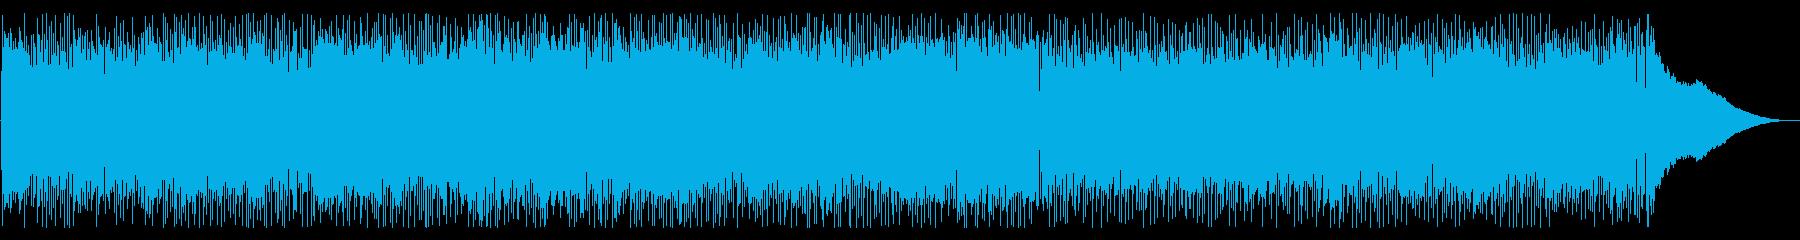 90年代V系バンド風ロック(メロ無し)の再生済みの波形